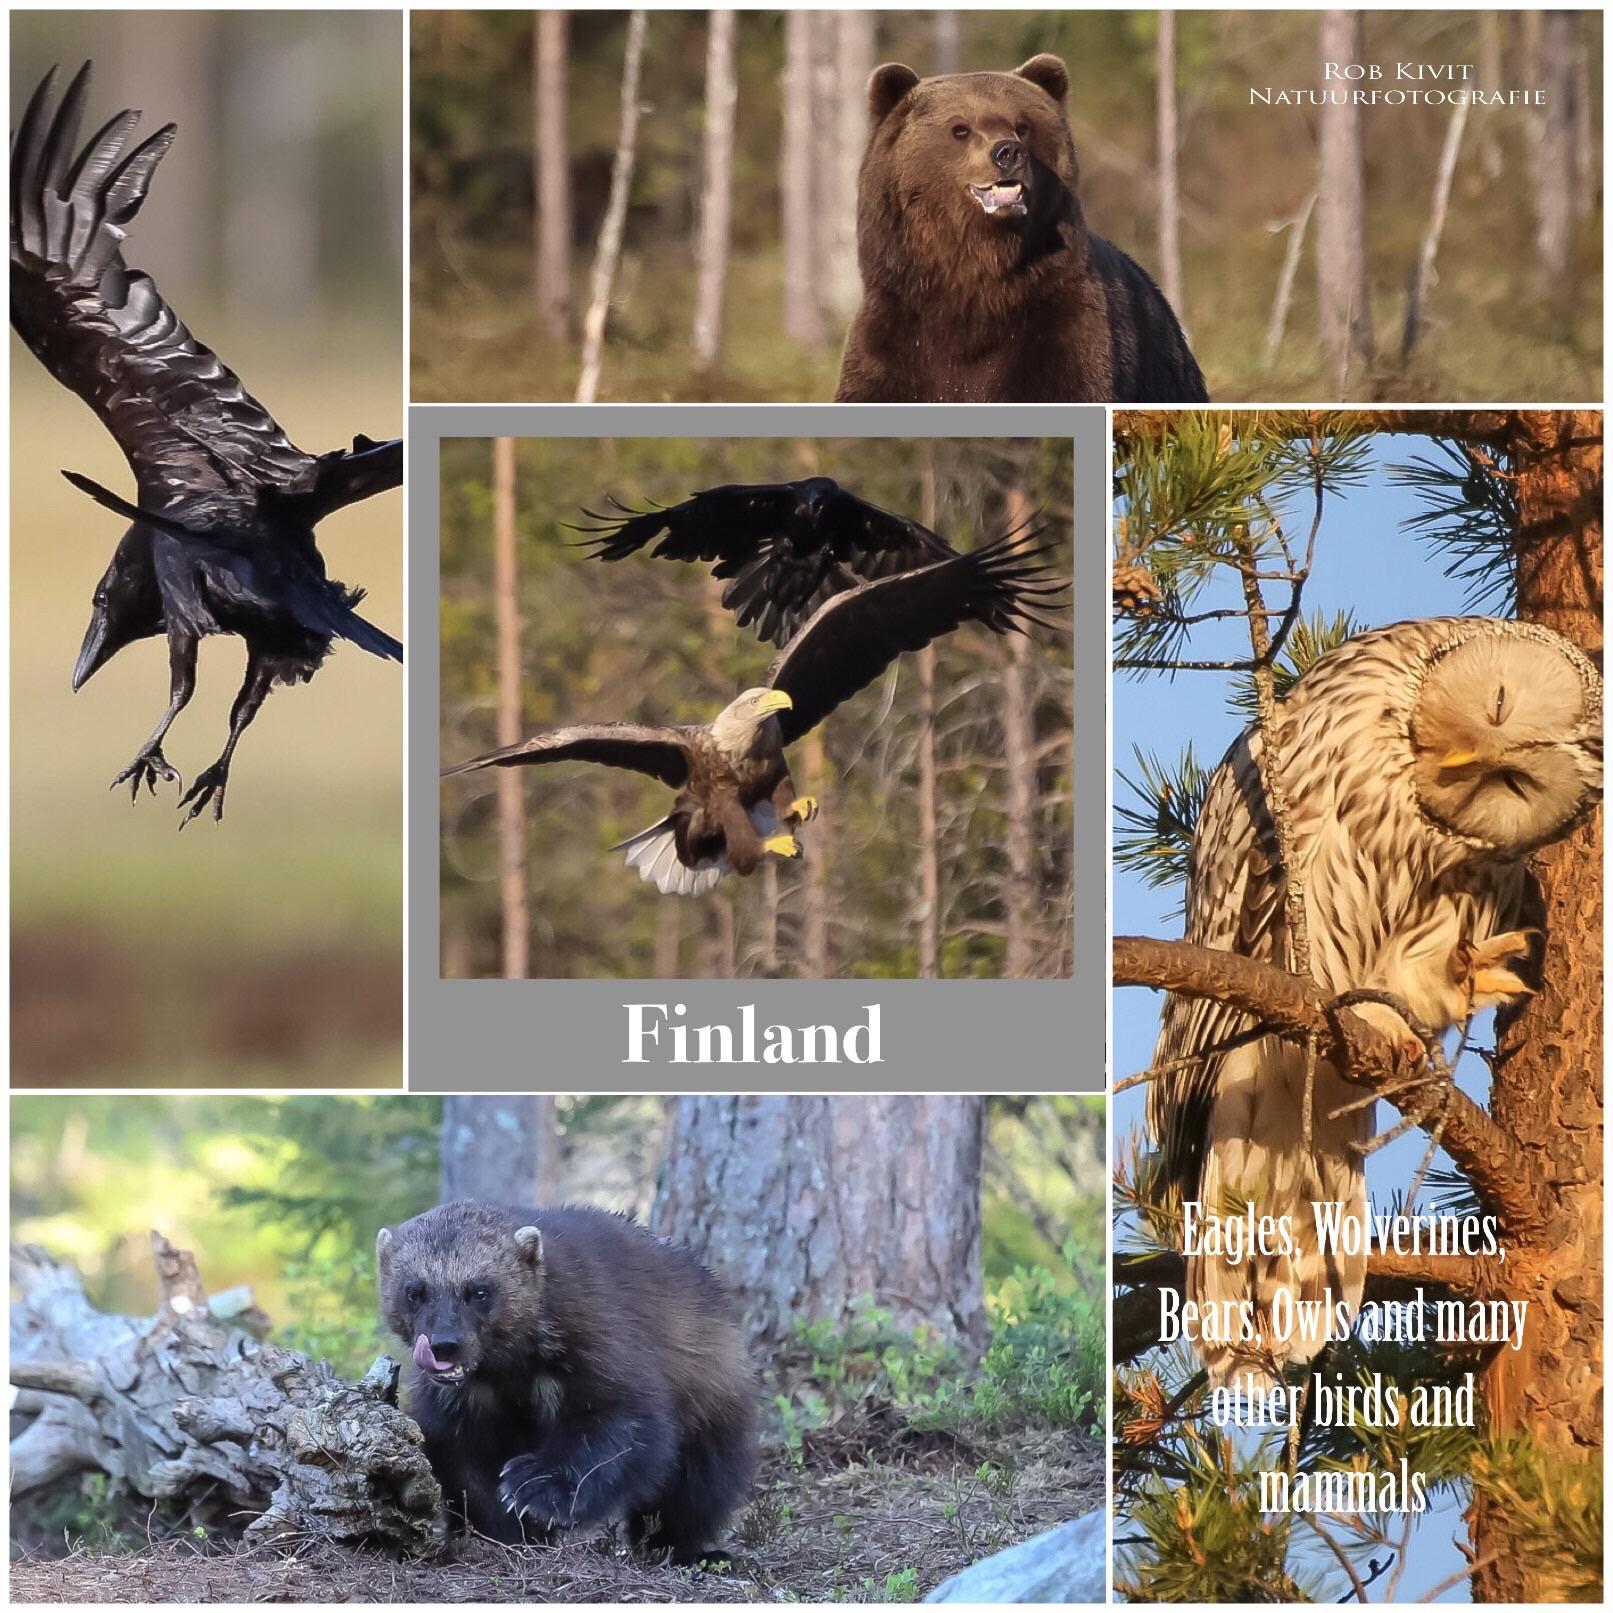 Impressie fotoreis Finland; beren, wolven, veelvraten, steenarenden en uilen